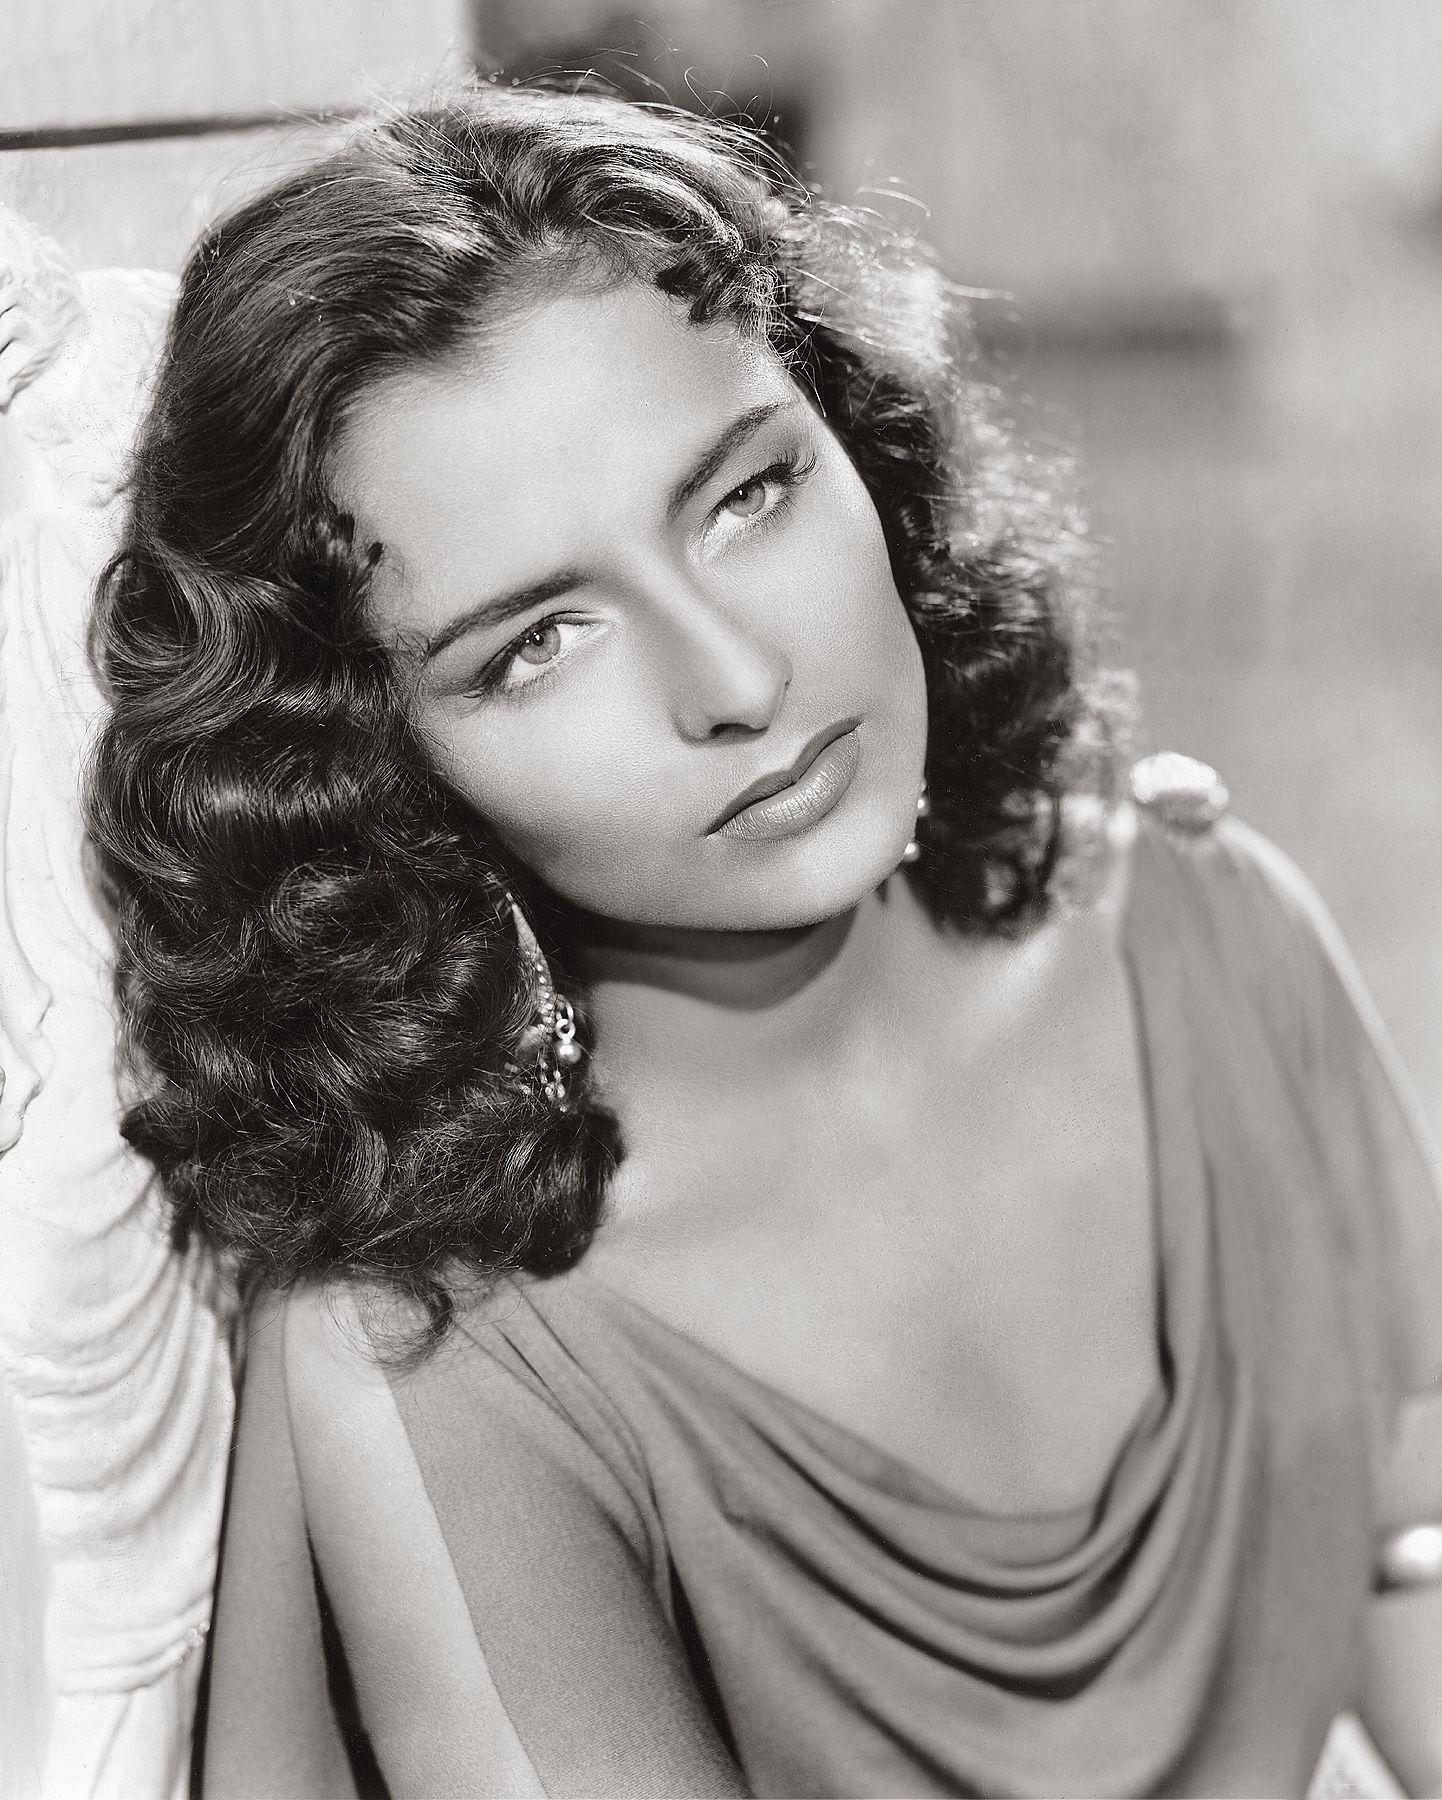 Photo of Marina Berti: Actress